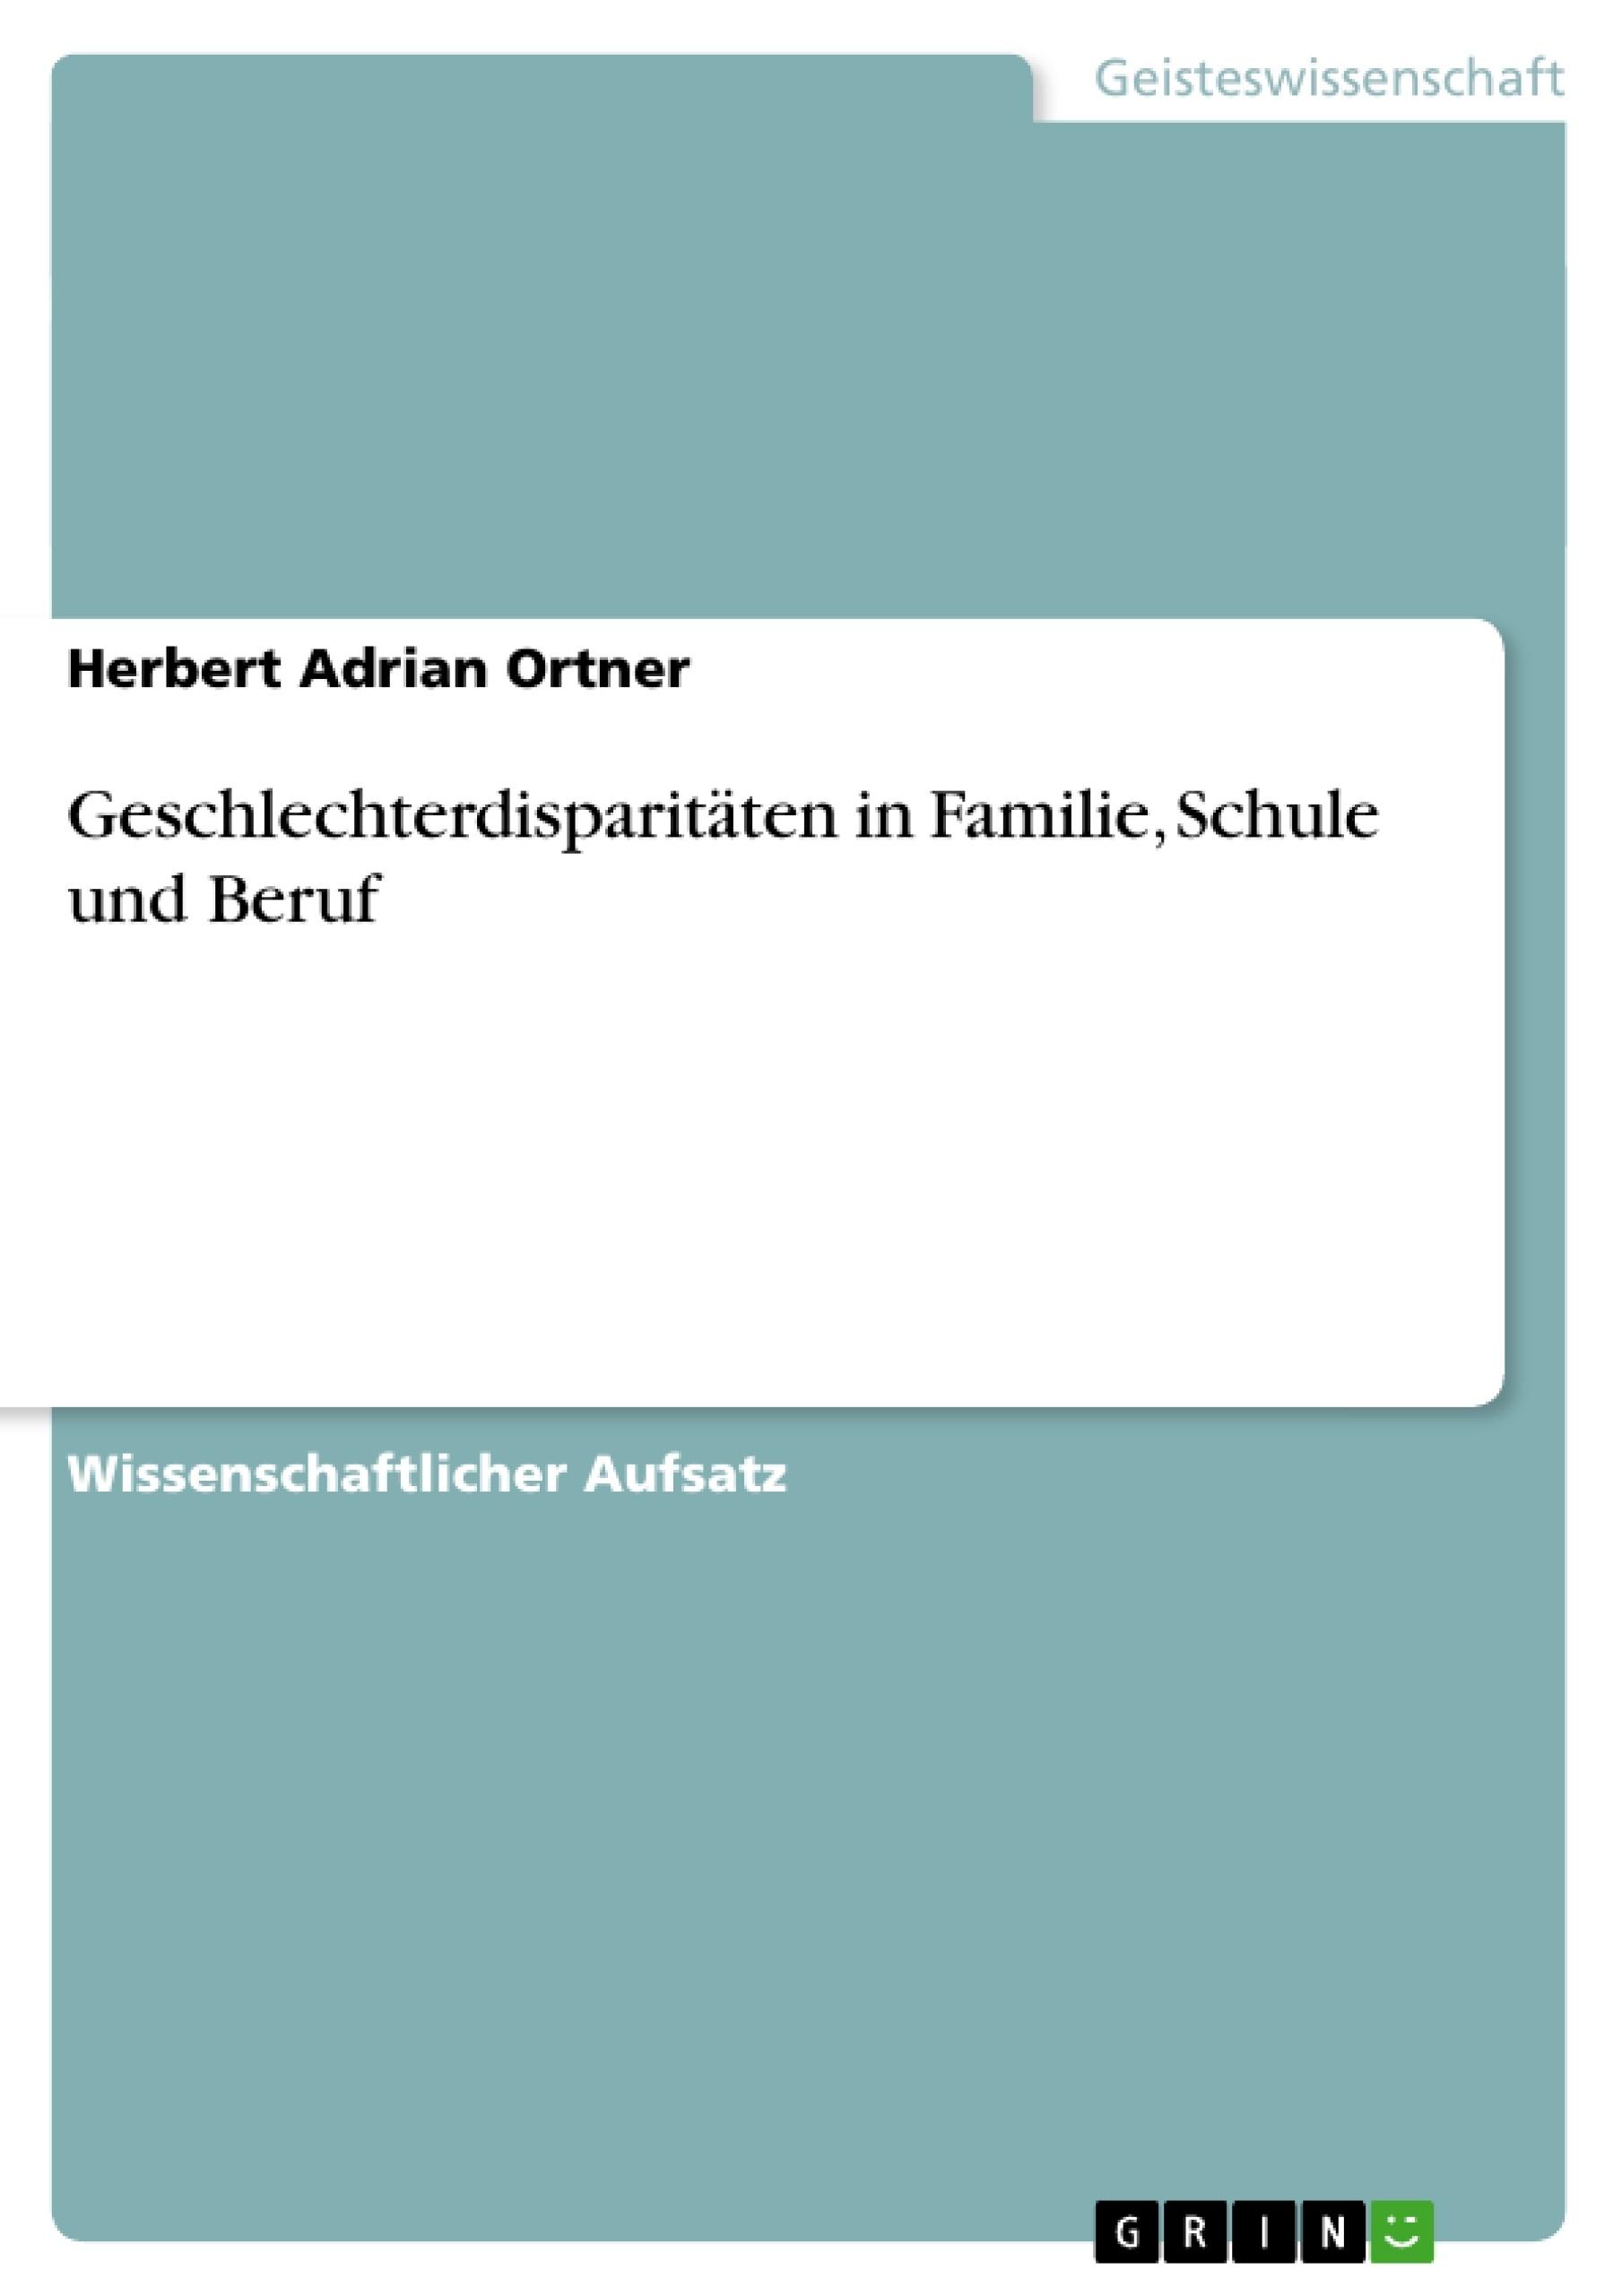 Titel: Geschlechterdisparitäten in Familie, Schule und Beruf